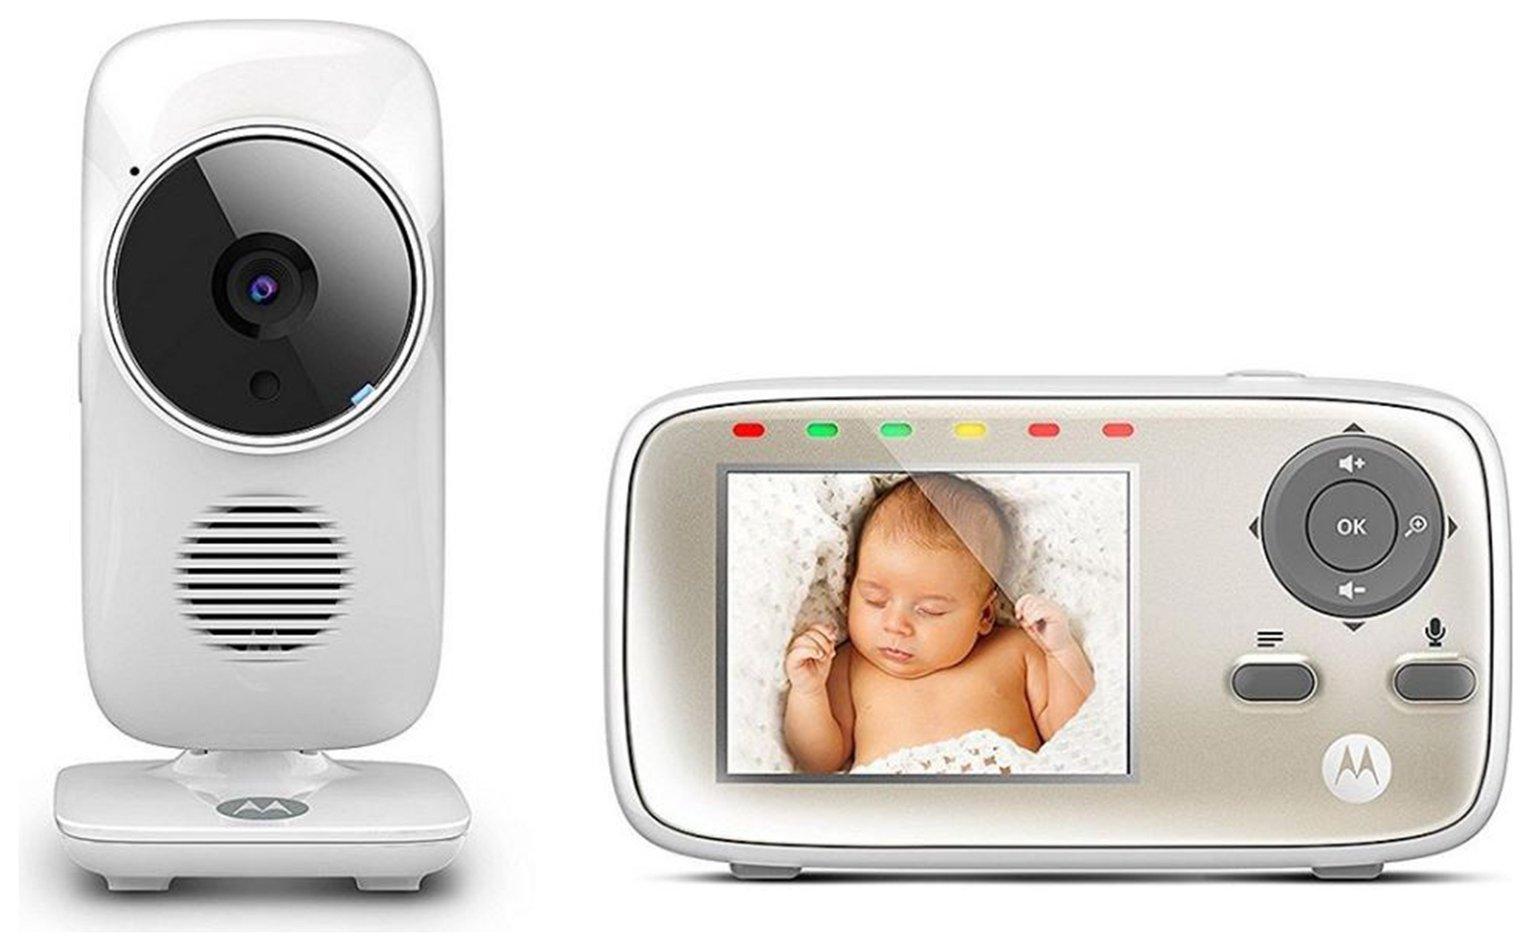 Motorola MBP483 Video Baby Monitor